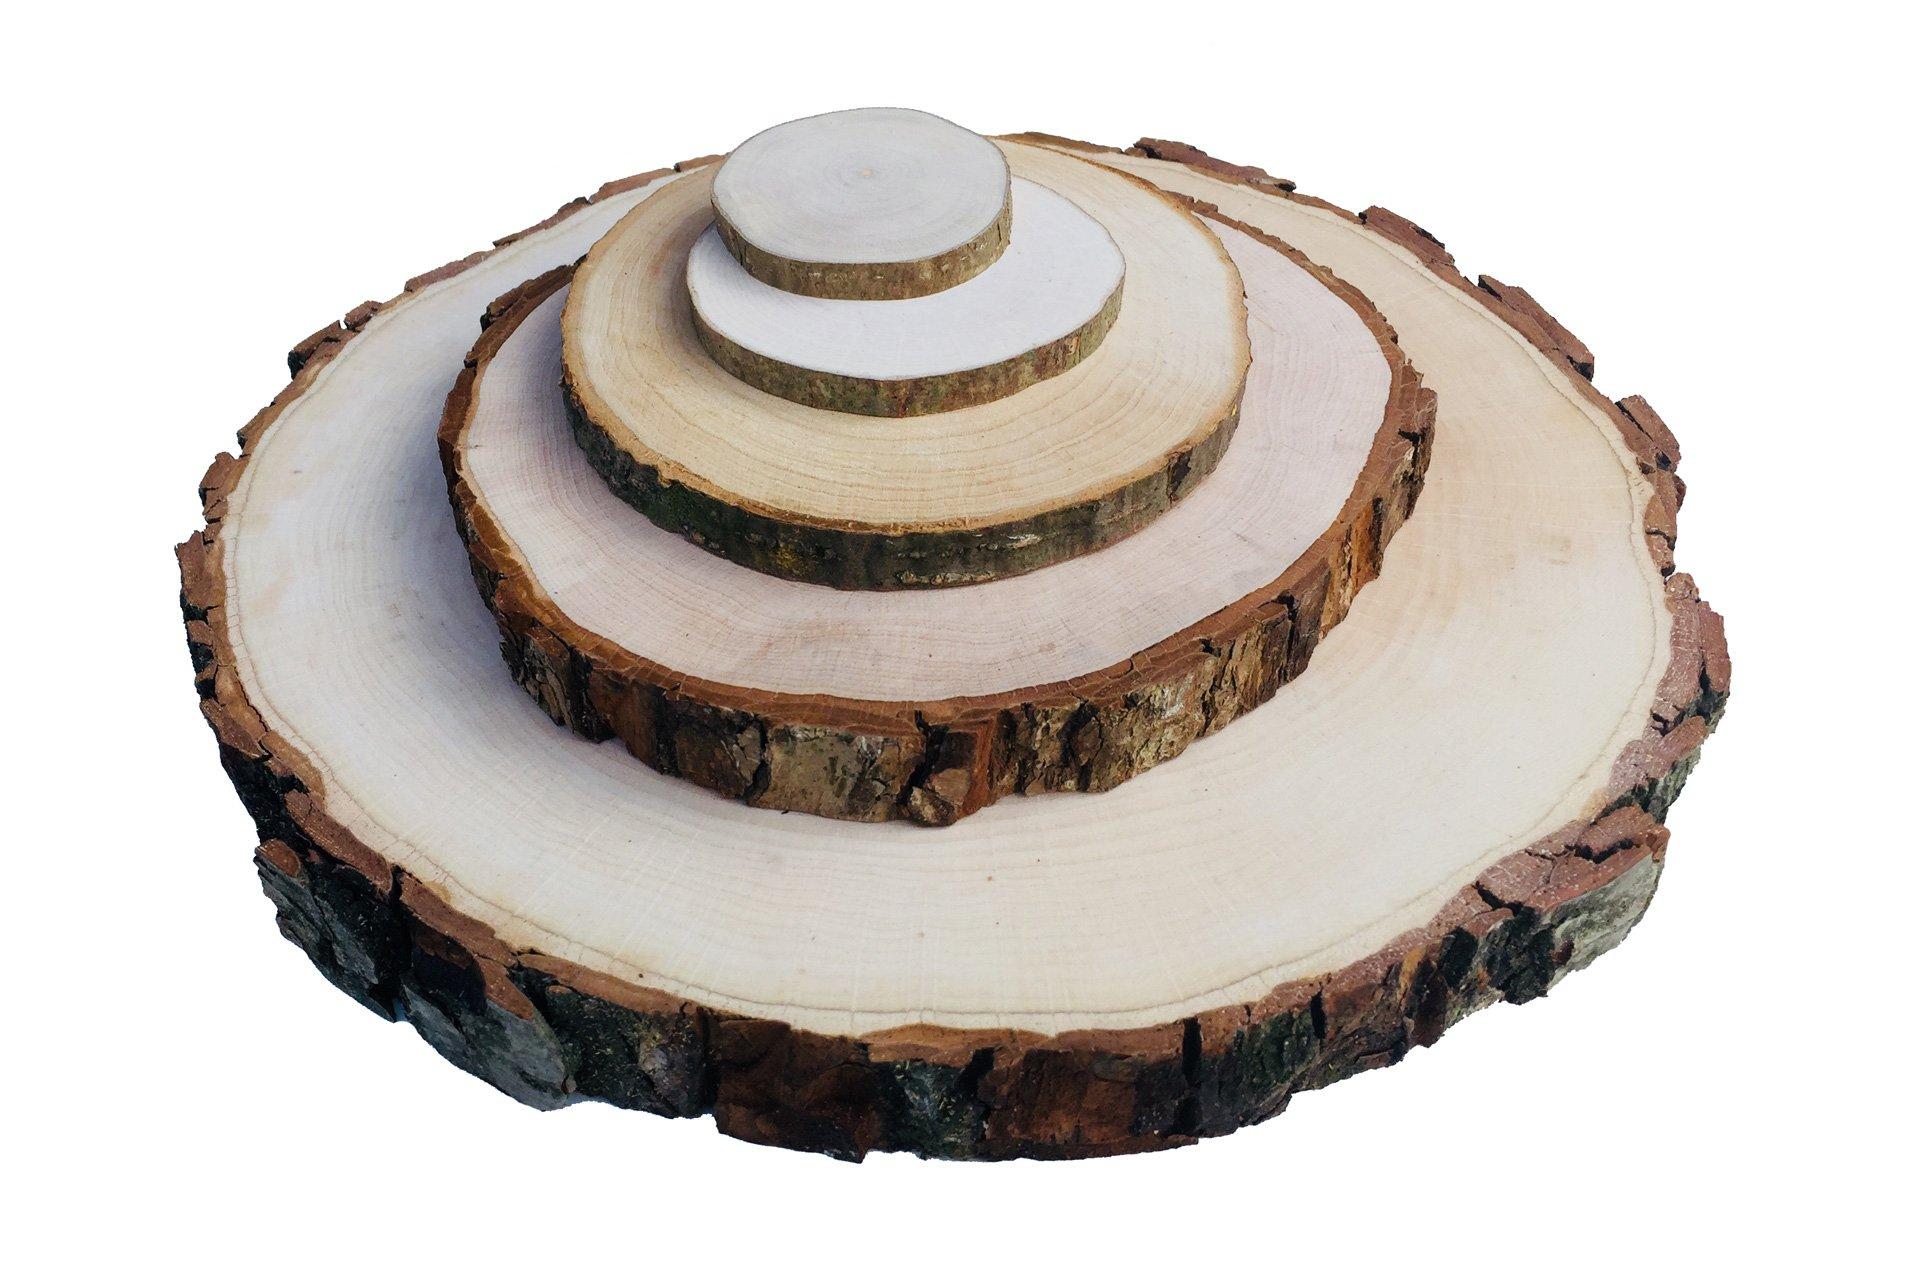 Birkenscheiben Holzscheiben Baumscheiben Astscheiben Hochzeit Birkenscheibe 9-11